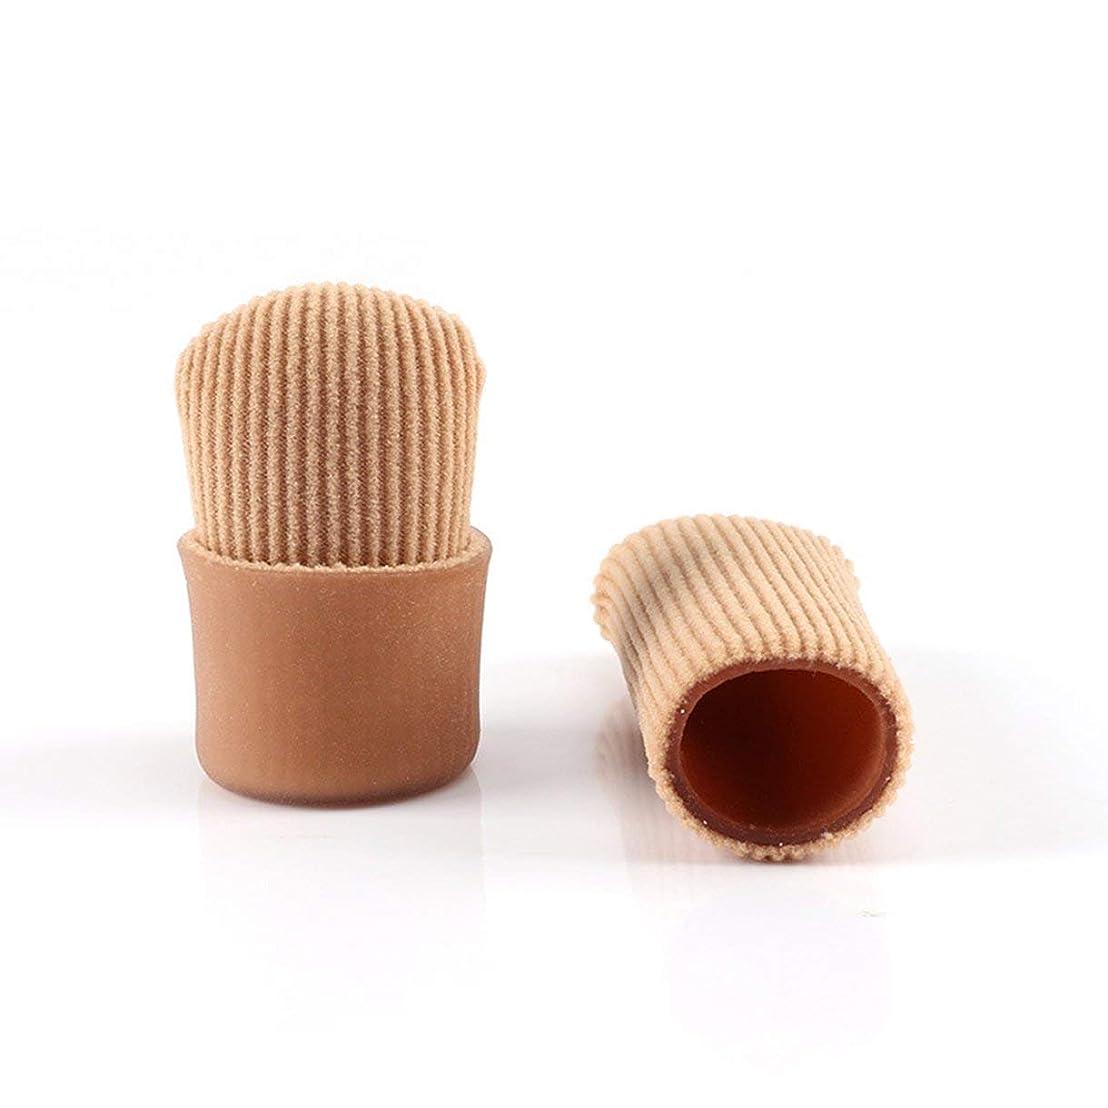 特徴ビリーヤギ生きているOpen Toe Tubes Gel Lined Fabric Sleeve Protectors To Prevent Corns, Calluses And Blisters While Softening Soothing Skin